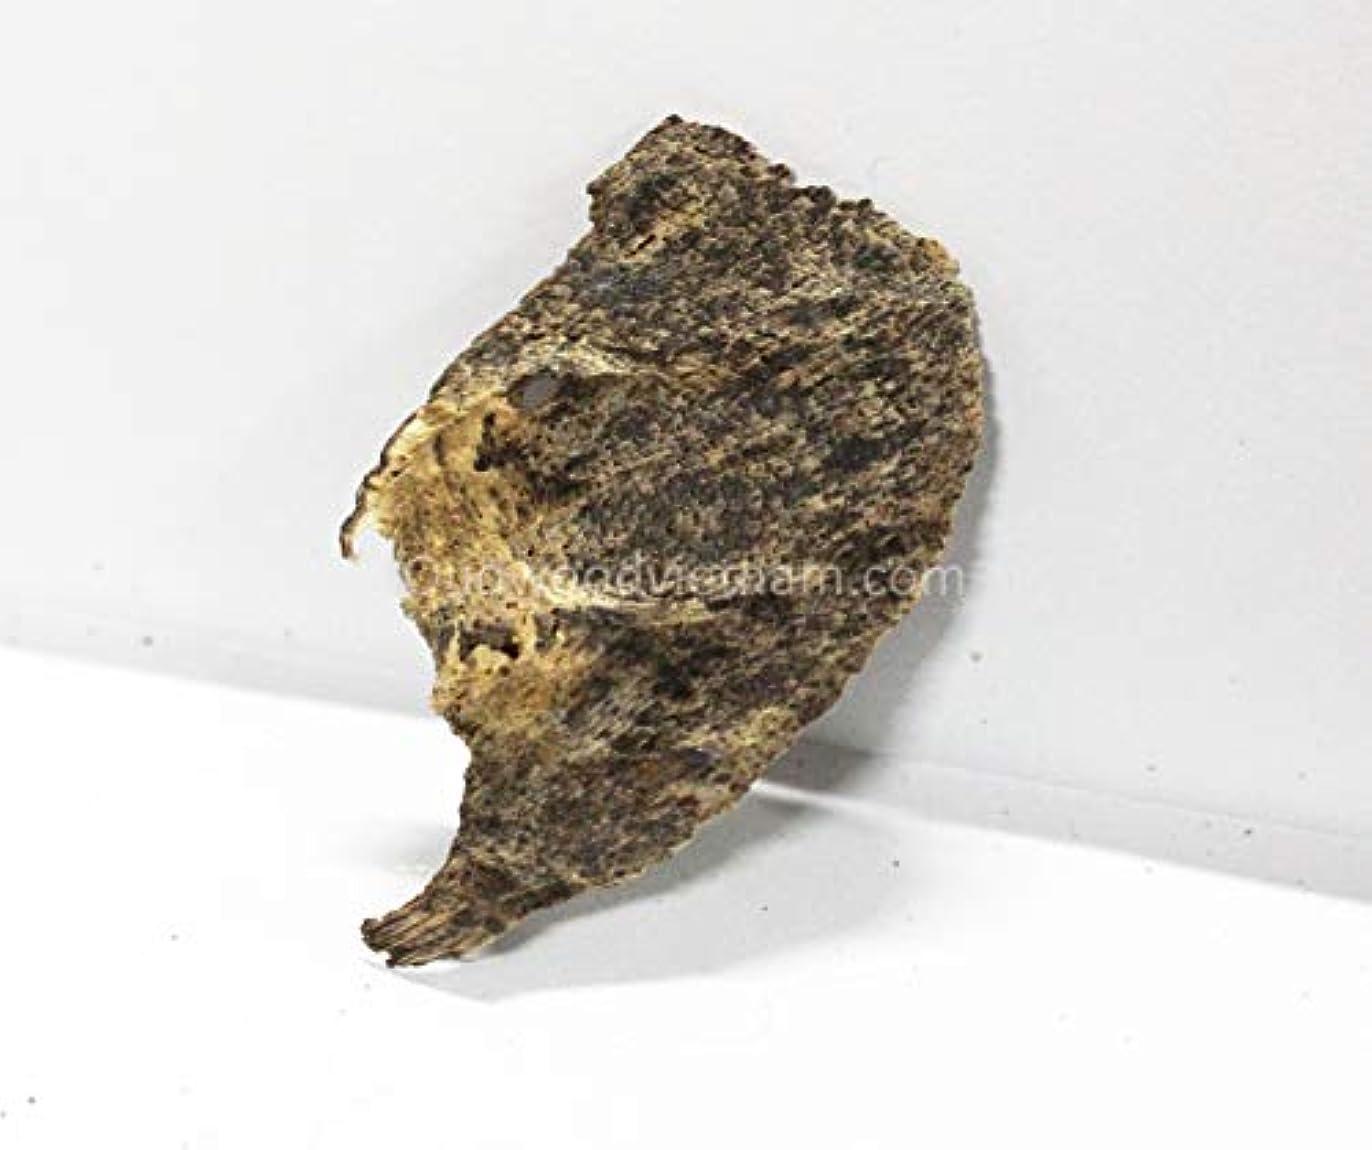 禁じるファイターサラミアガーウッドチップ オウドチップス お香 アロマ ナチュラル ワイルド レア アガーウッド チップ オードウッド ベトナム 純素材 グレード A++ 50g